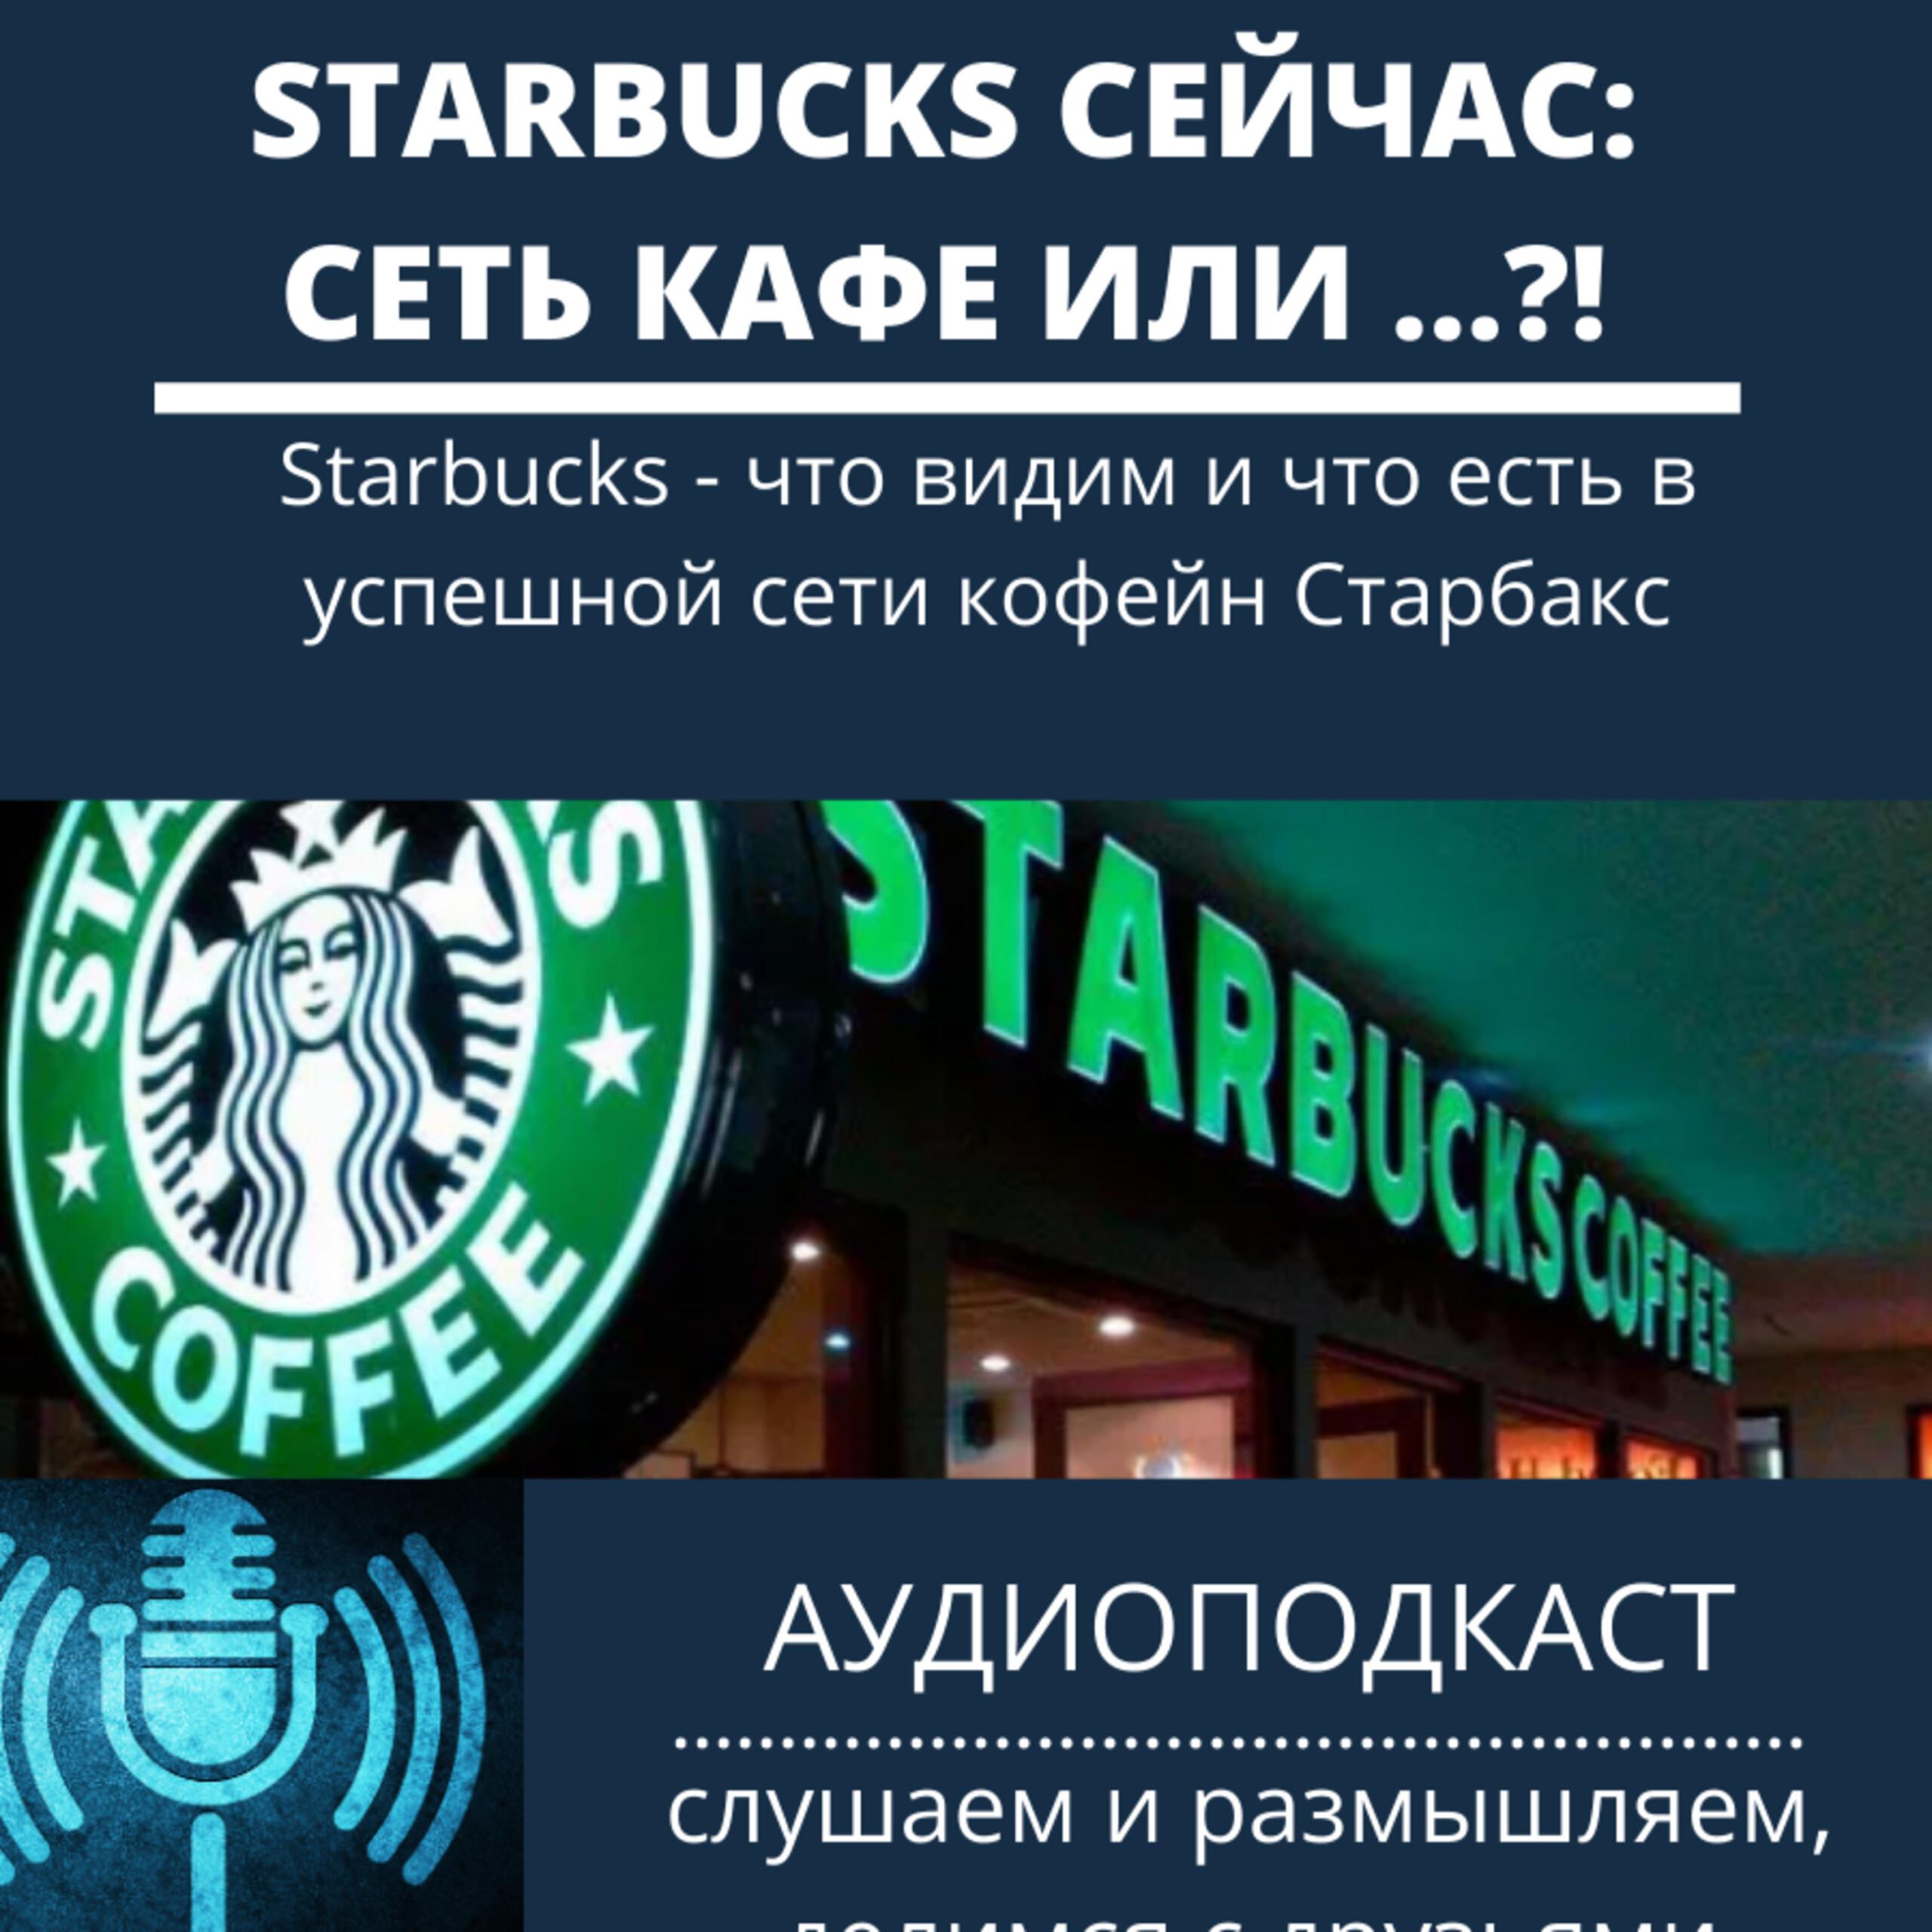 Starbucks - что видим и что есть в успешной сети кофейн Старбакс